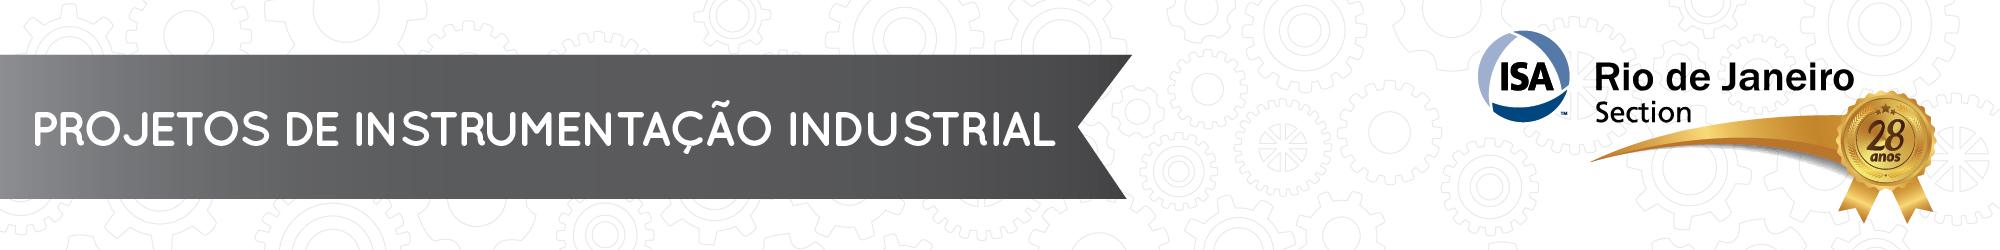 curso-projetosdeinstrumentacaoindustrial-03